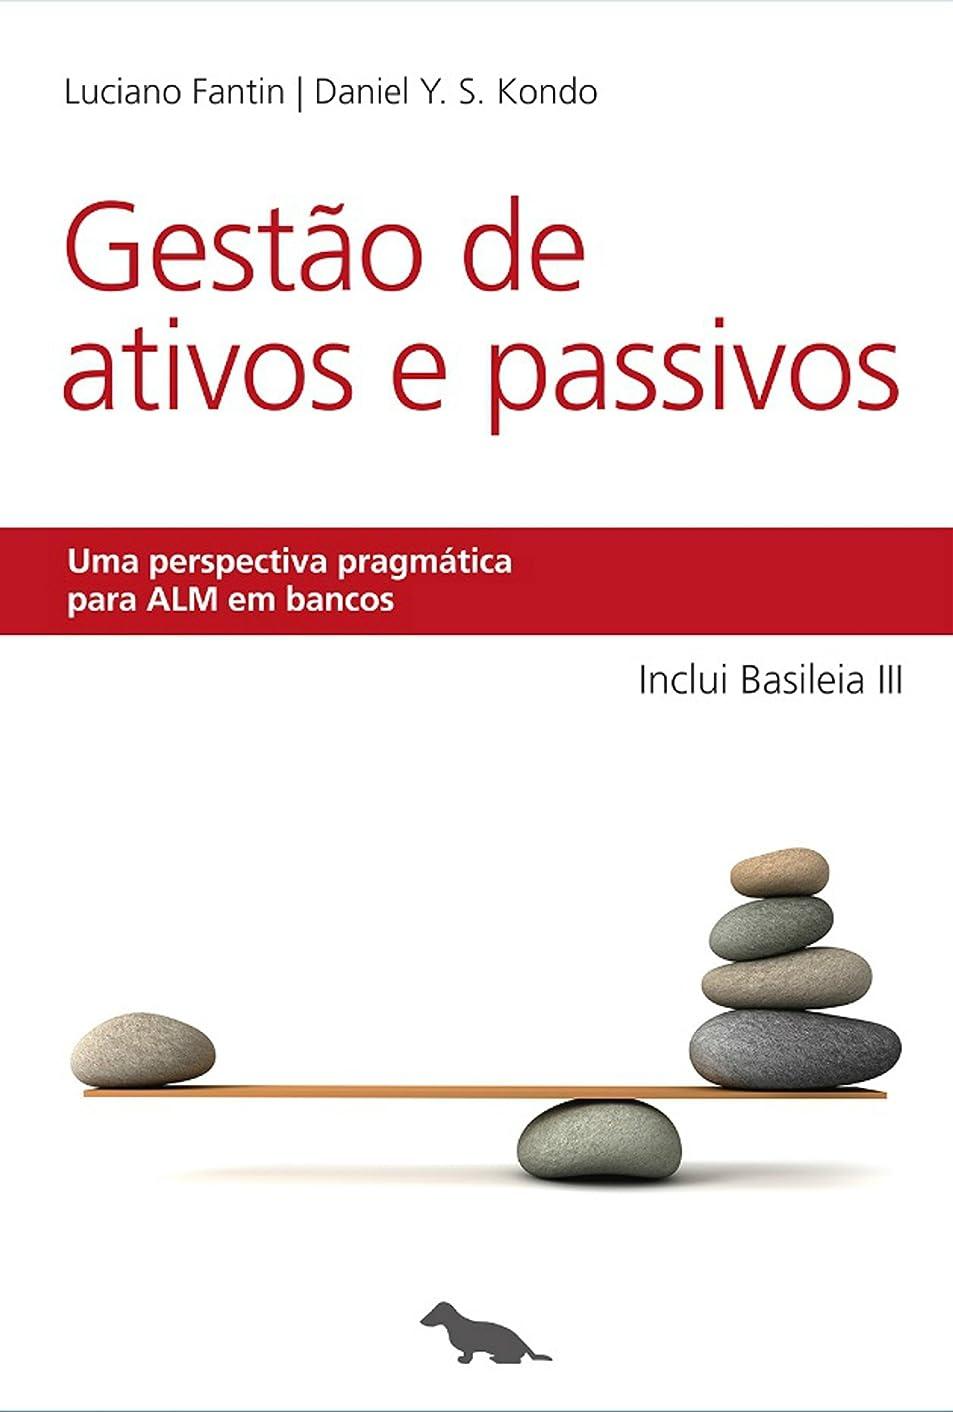 常習者抱擁変わるGest?o de Ativos e Passivos: Uma perspectiva pragmática para ALM em bancos (Portuguese Edition)